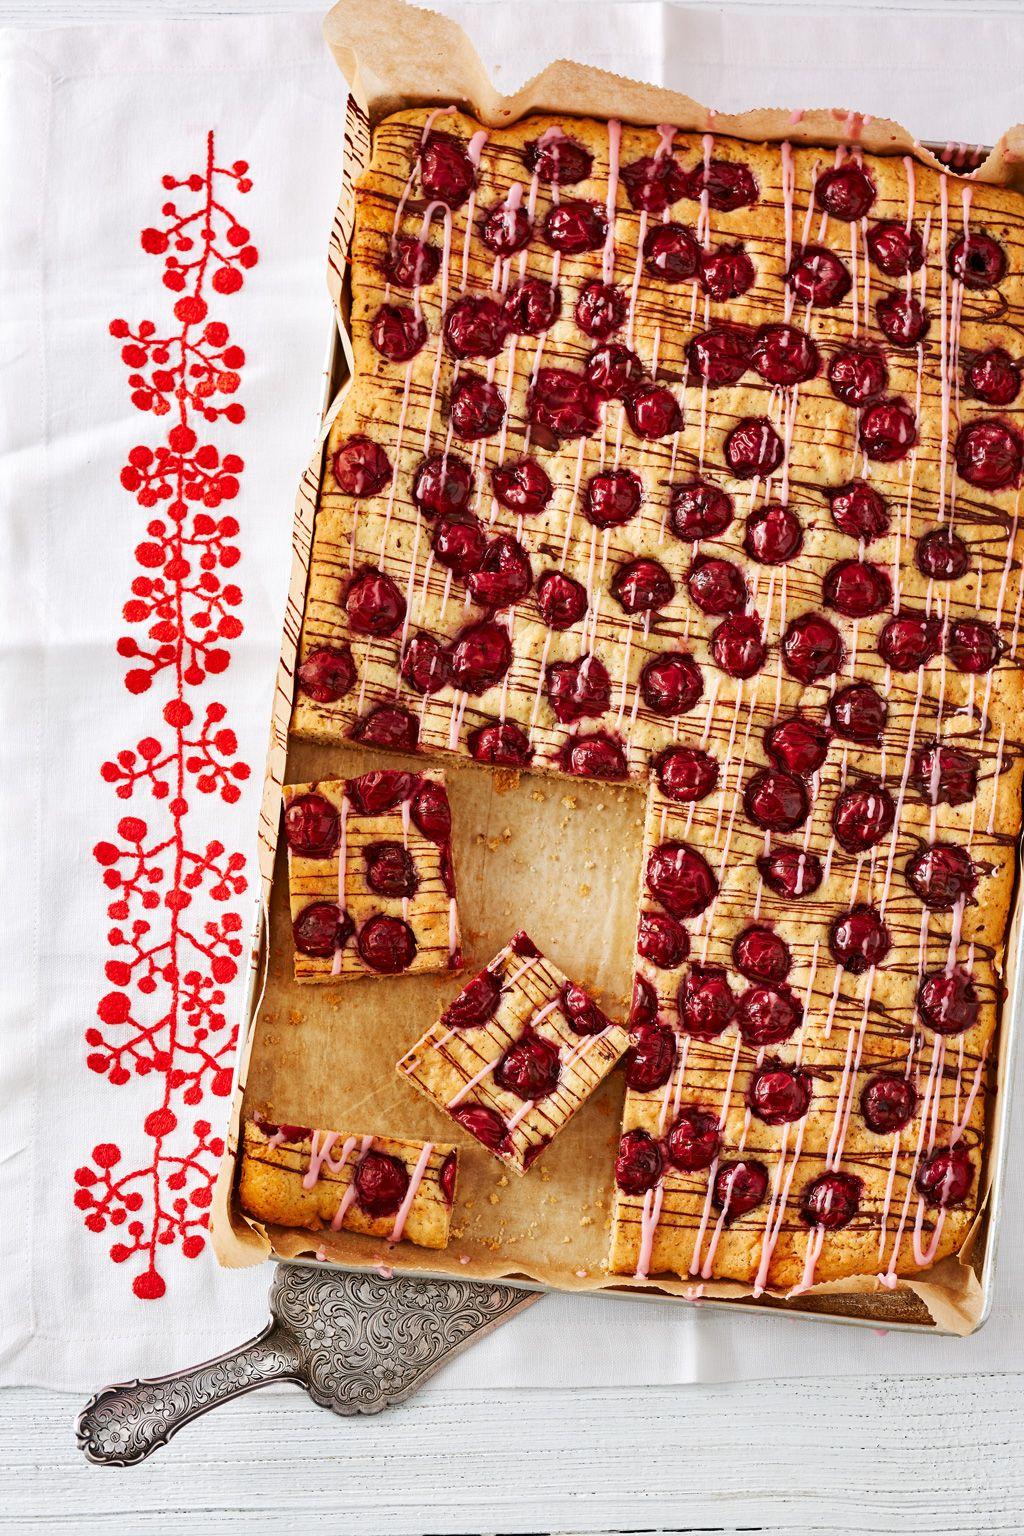 Schneller Schoko Kirsch Kuchen Schoko Kirsch Blechkuchen